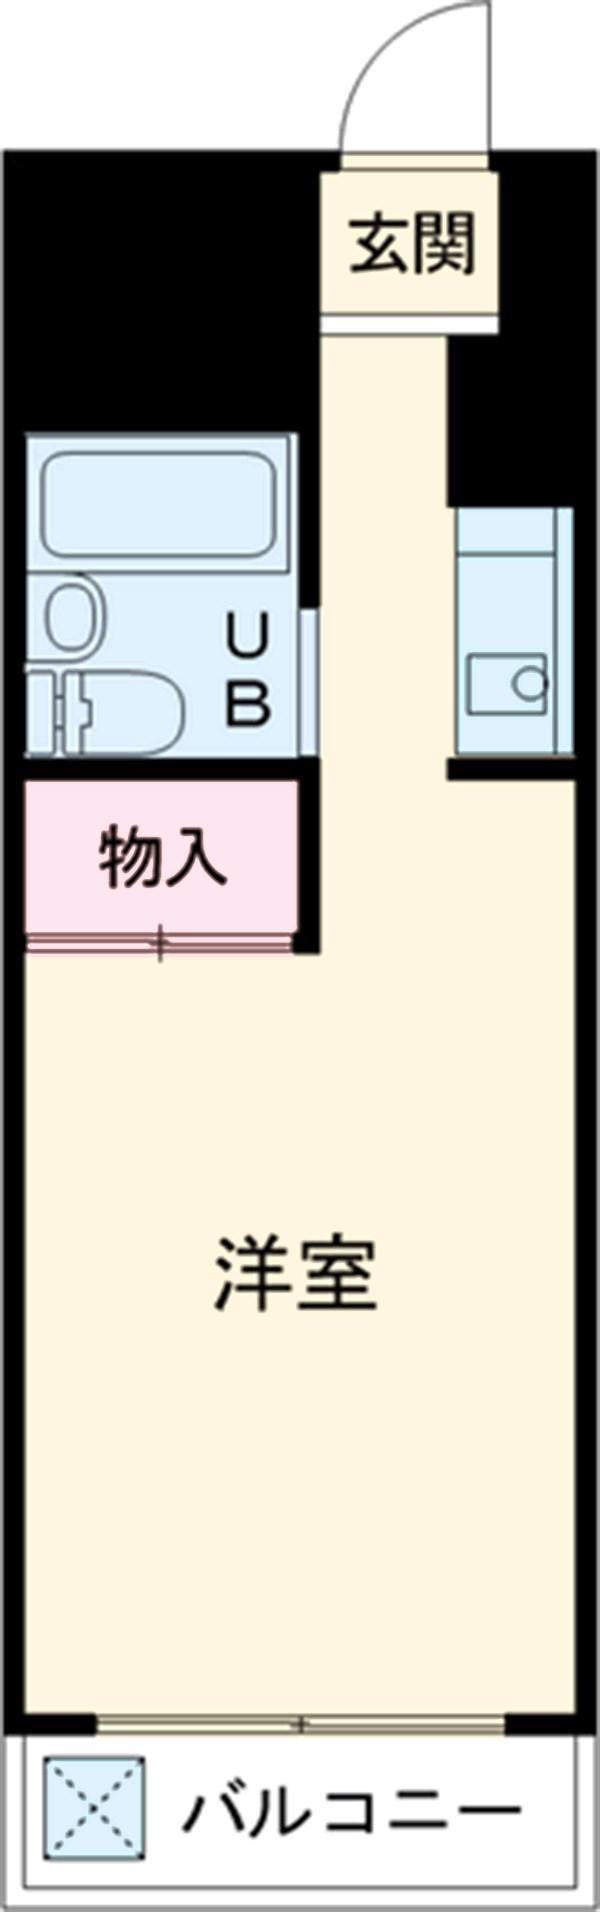 ミリアン稲沢駅前 102号室の間取り